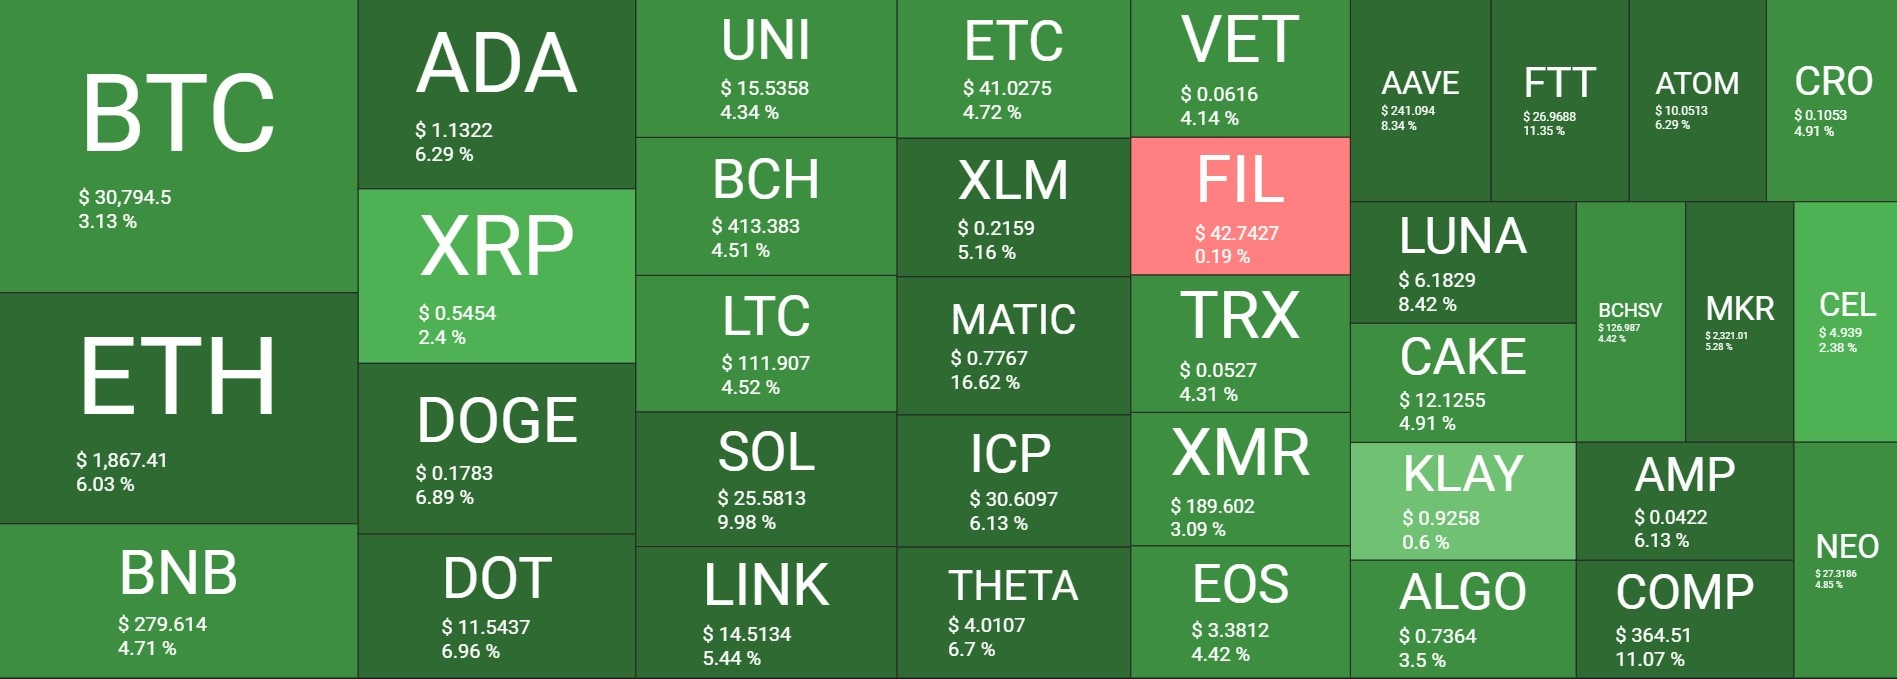 بازار 30 - نگاهی کلی به وضعیت امروز بازار رمزارزها (30 تیر)